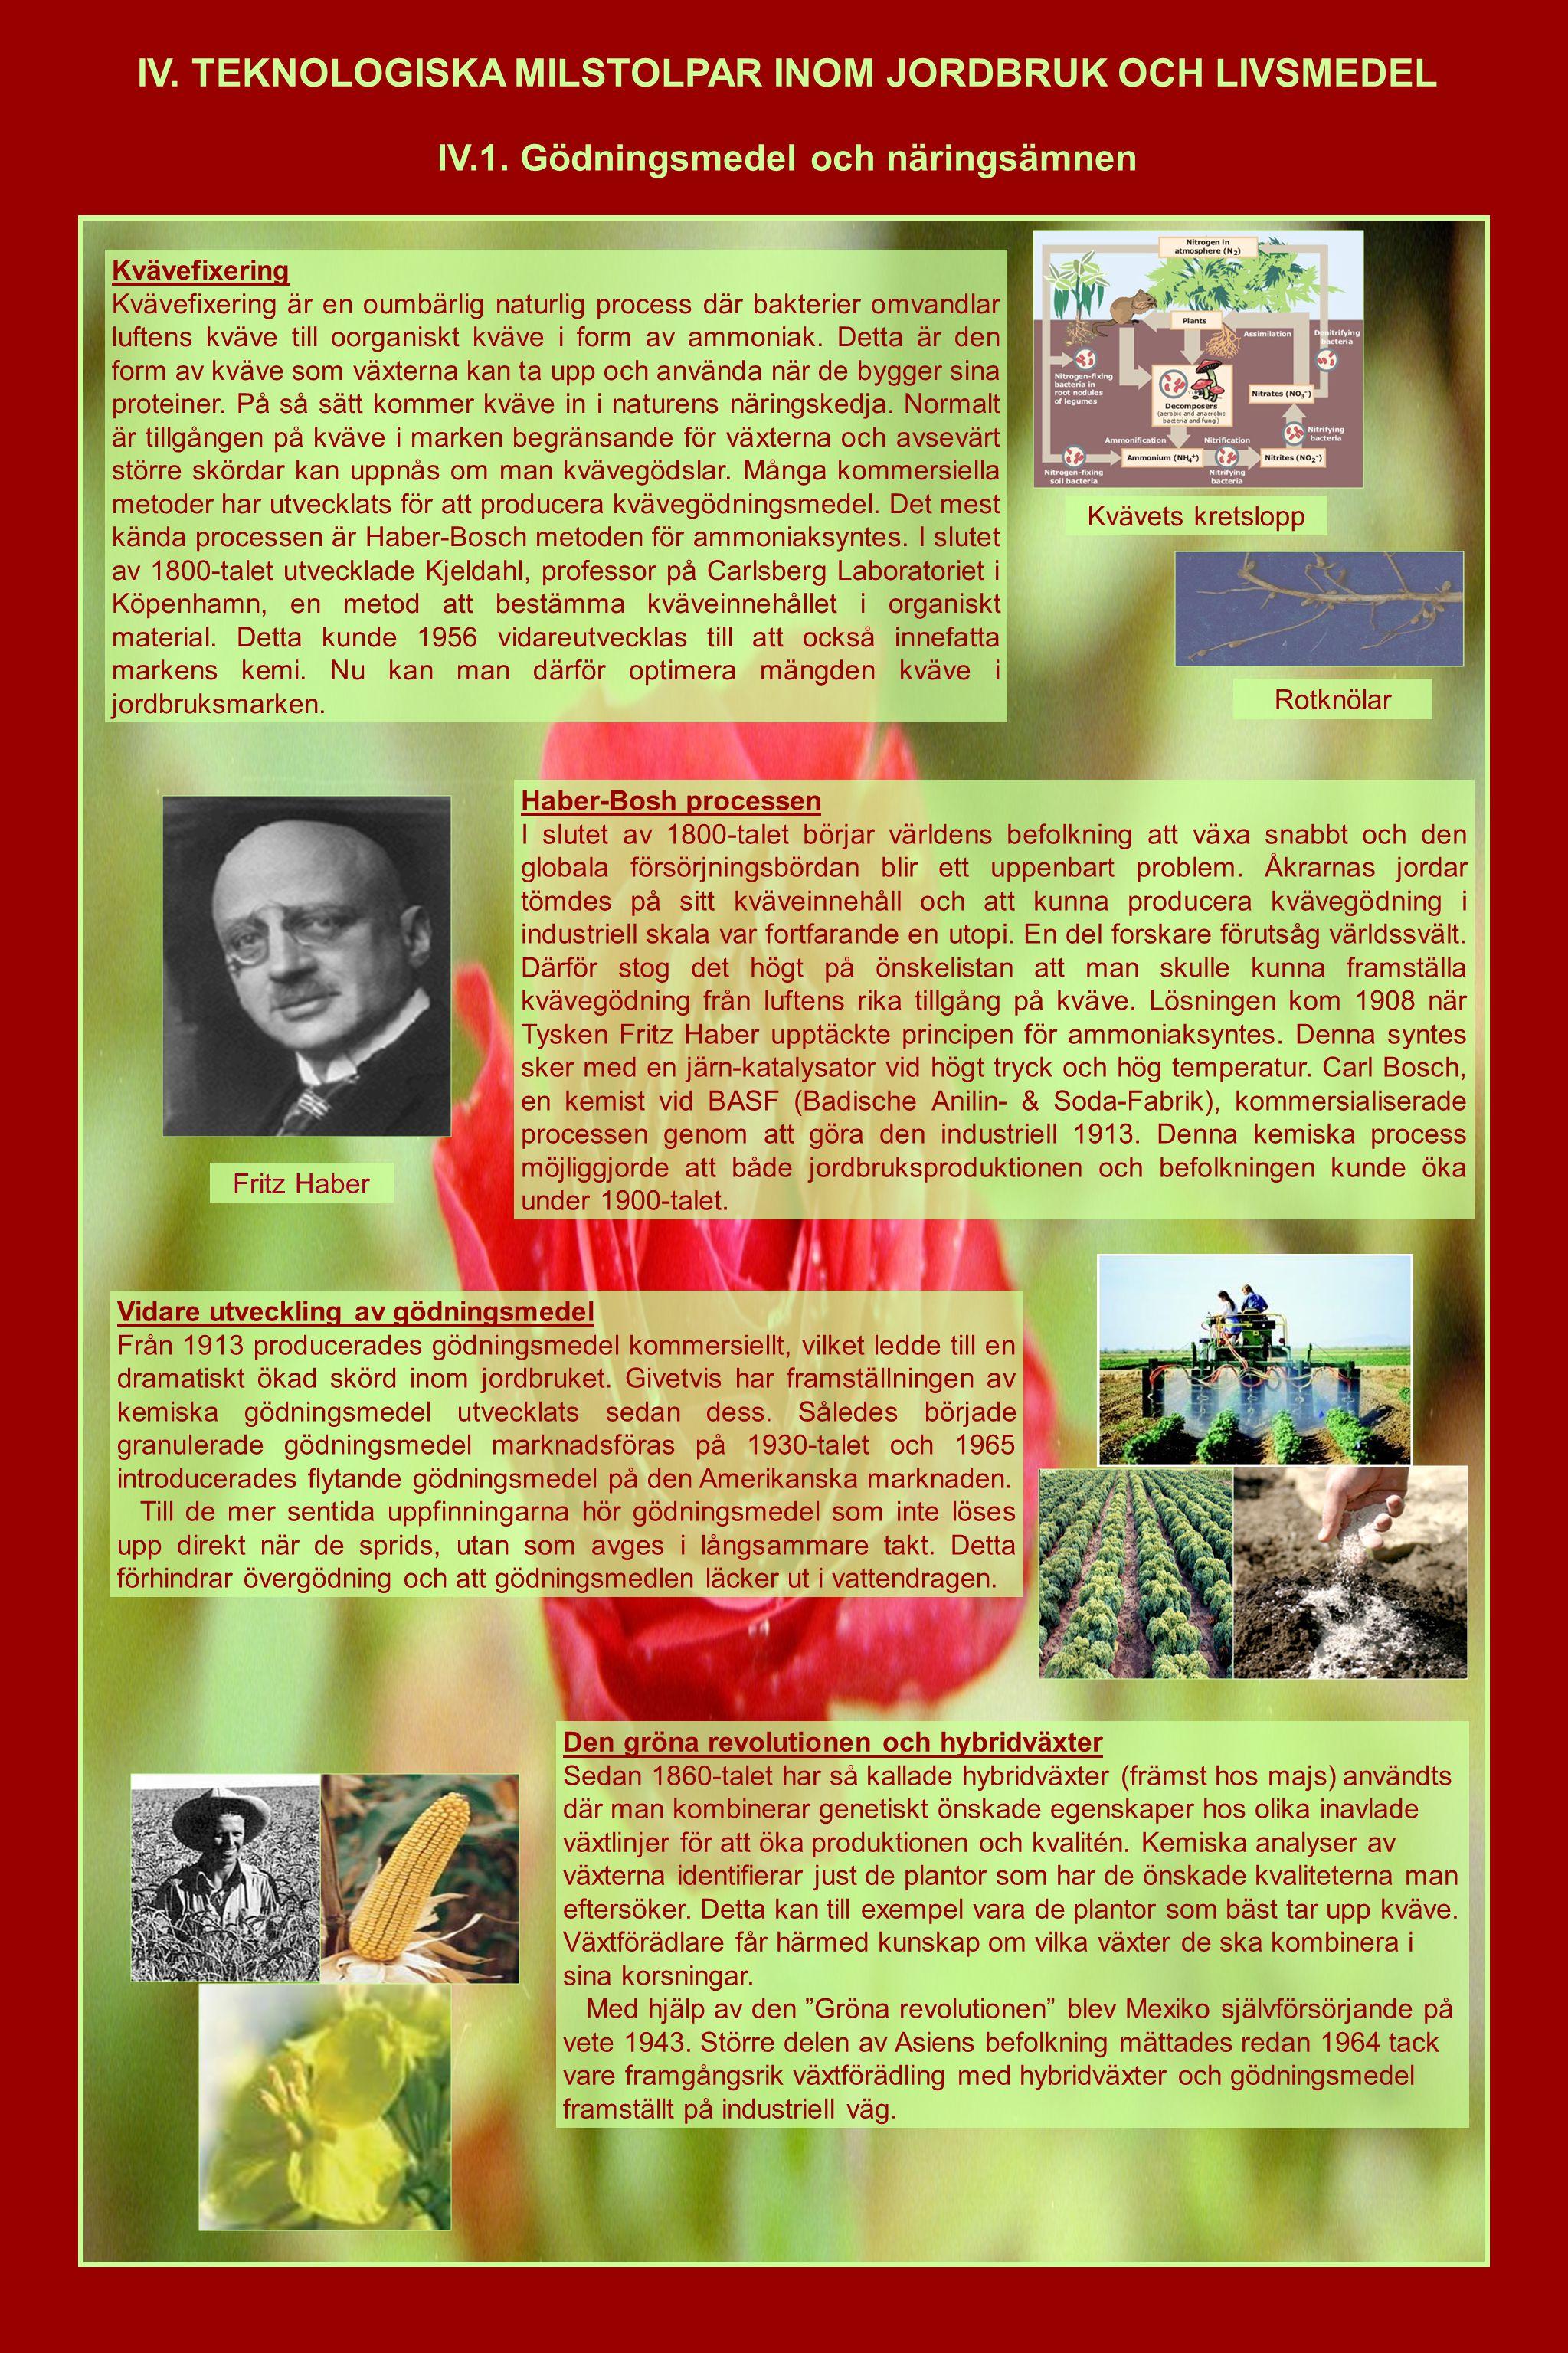 IV. TEKNOLOGISKA MILSTOLPAR INOM JORDBRUK OCH LIVSMEDEL